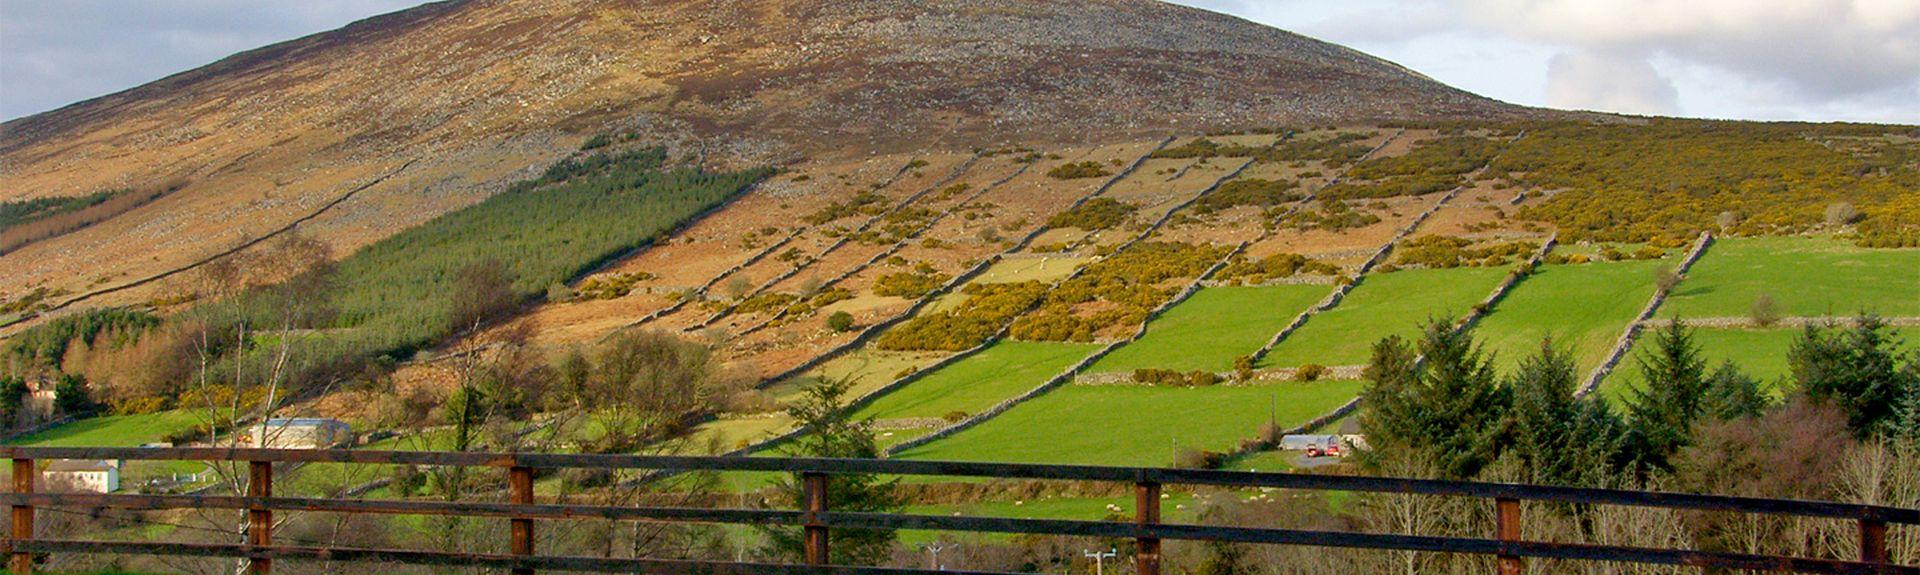 Carrigleade Golf Course, St. Mullins, Carlow (comté), Irlande